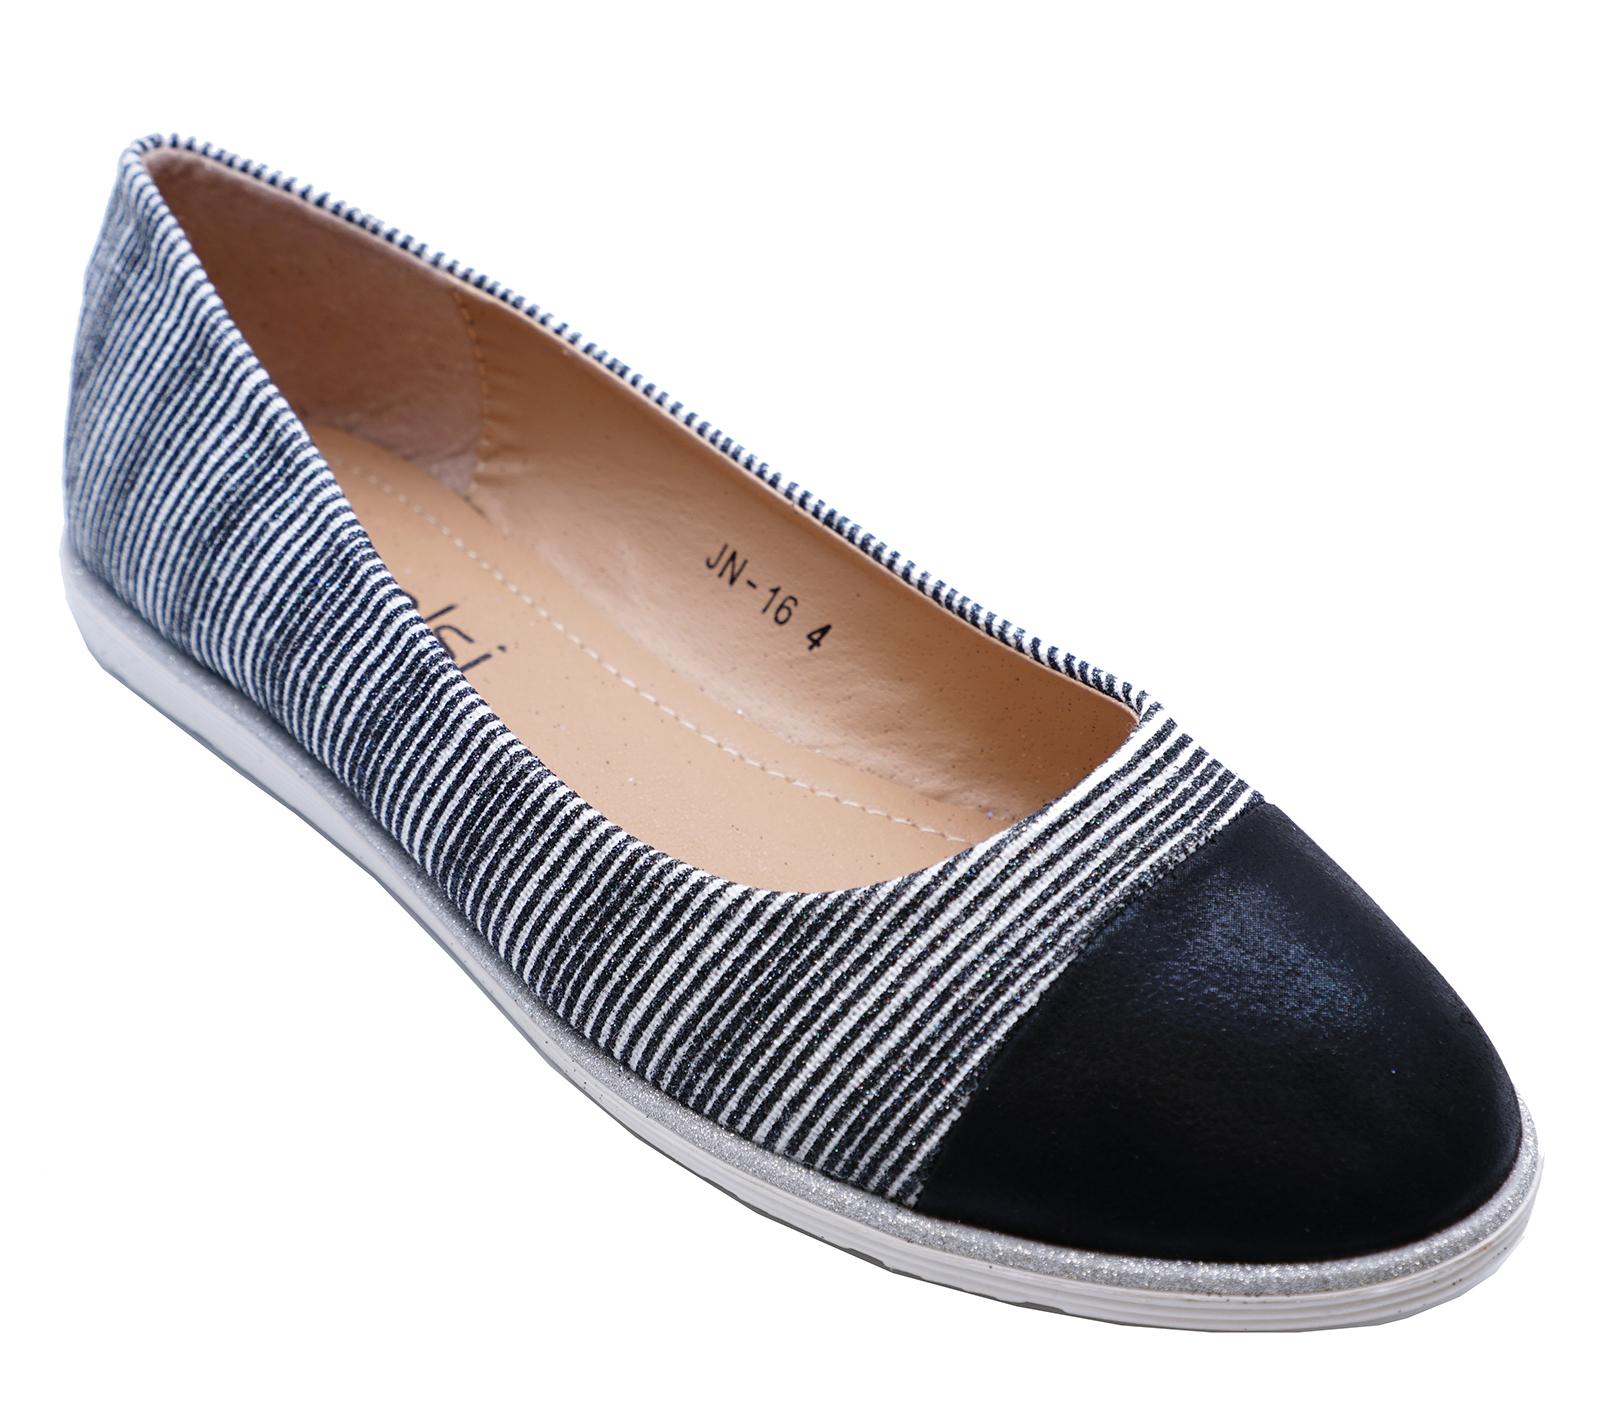 Travail Plats Chaussures Enfiler Noir Femmes Mocassins Décontracté À Confortable q8UWawxg